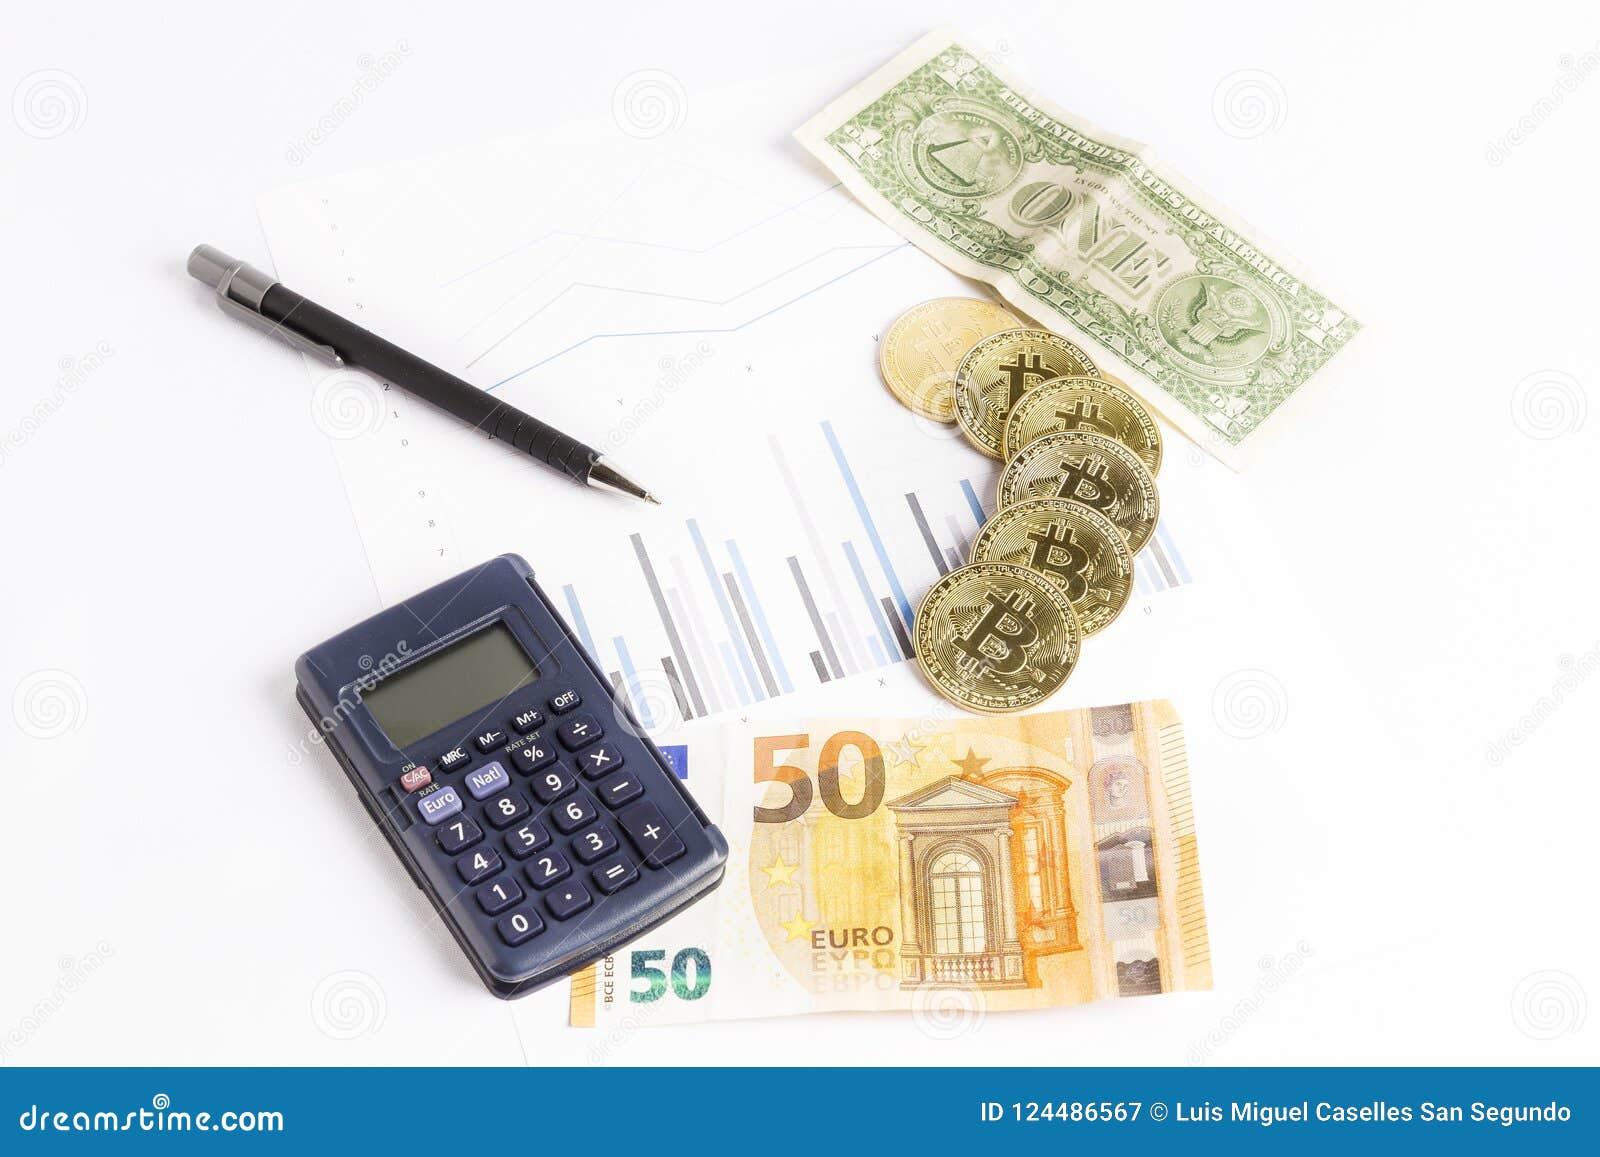 calculadora de btc dolár snt btc